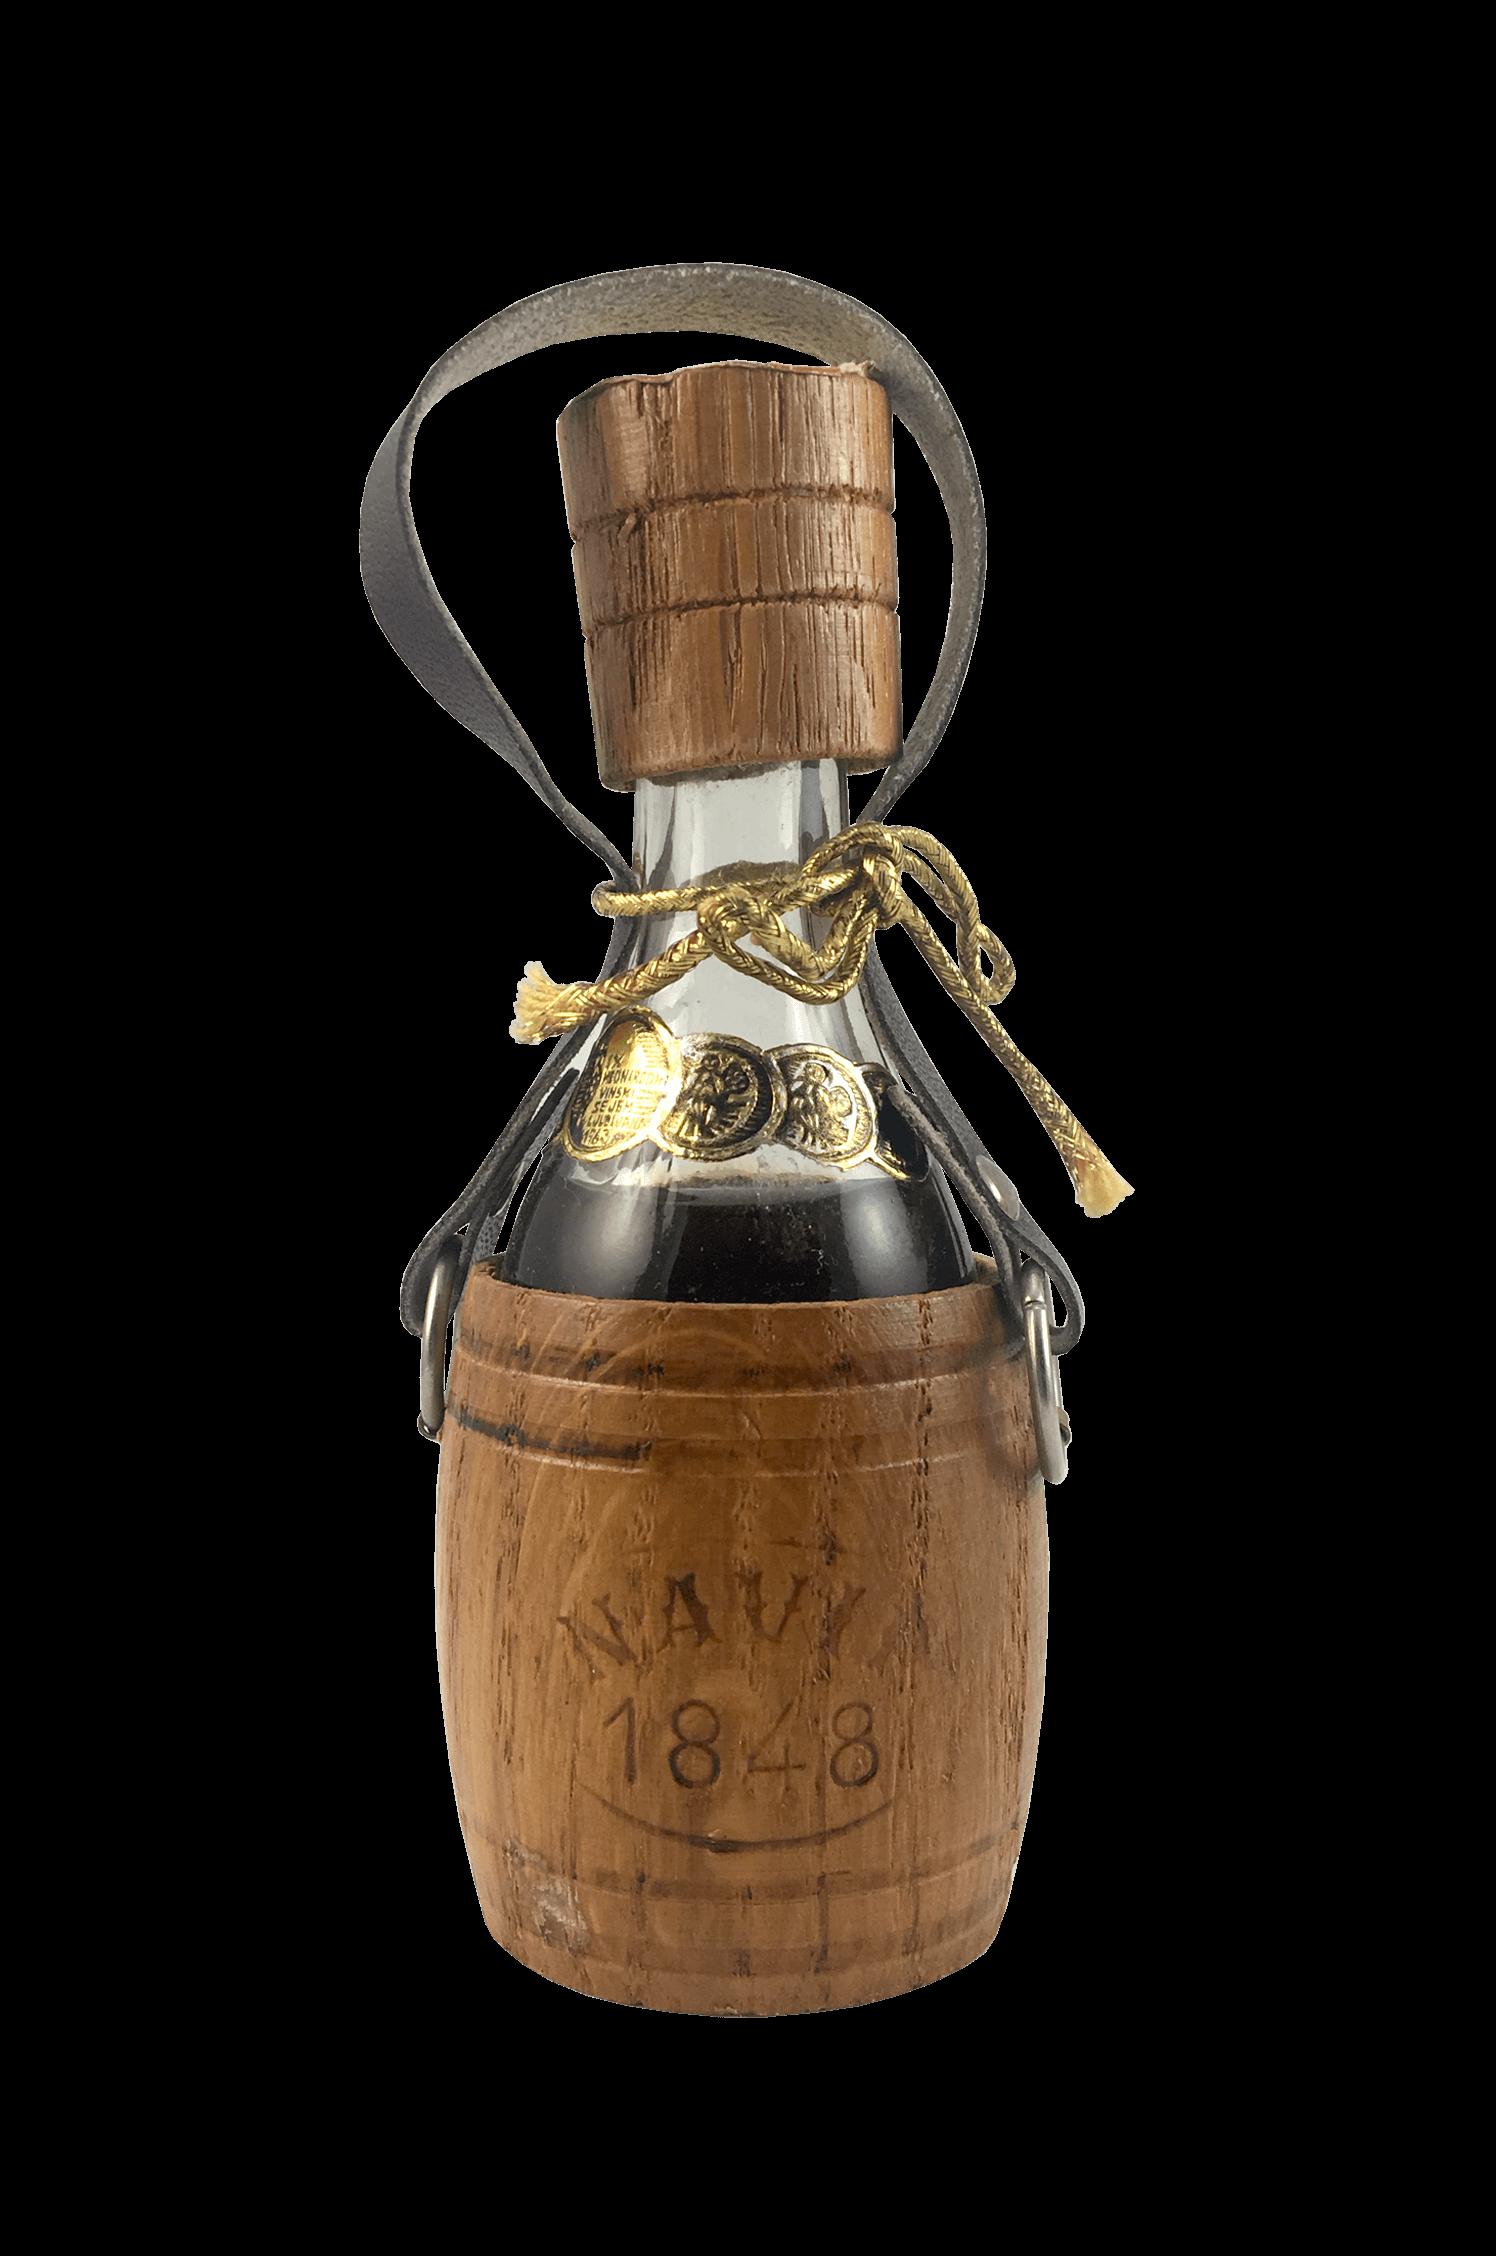 Navir 1848 Stari Viniak